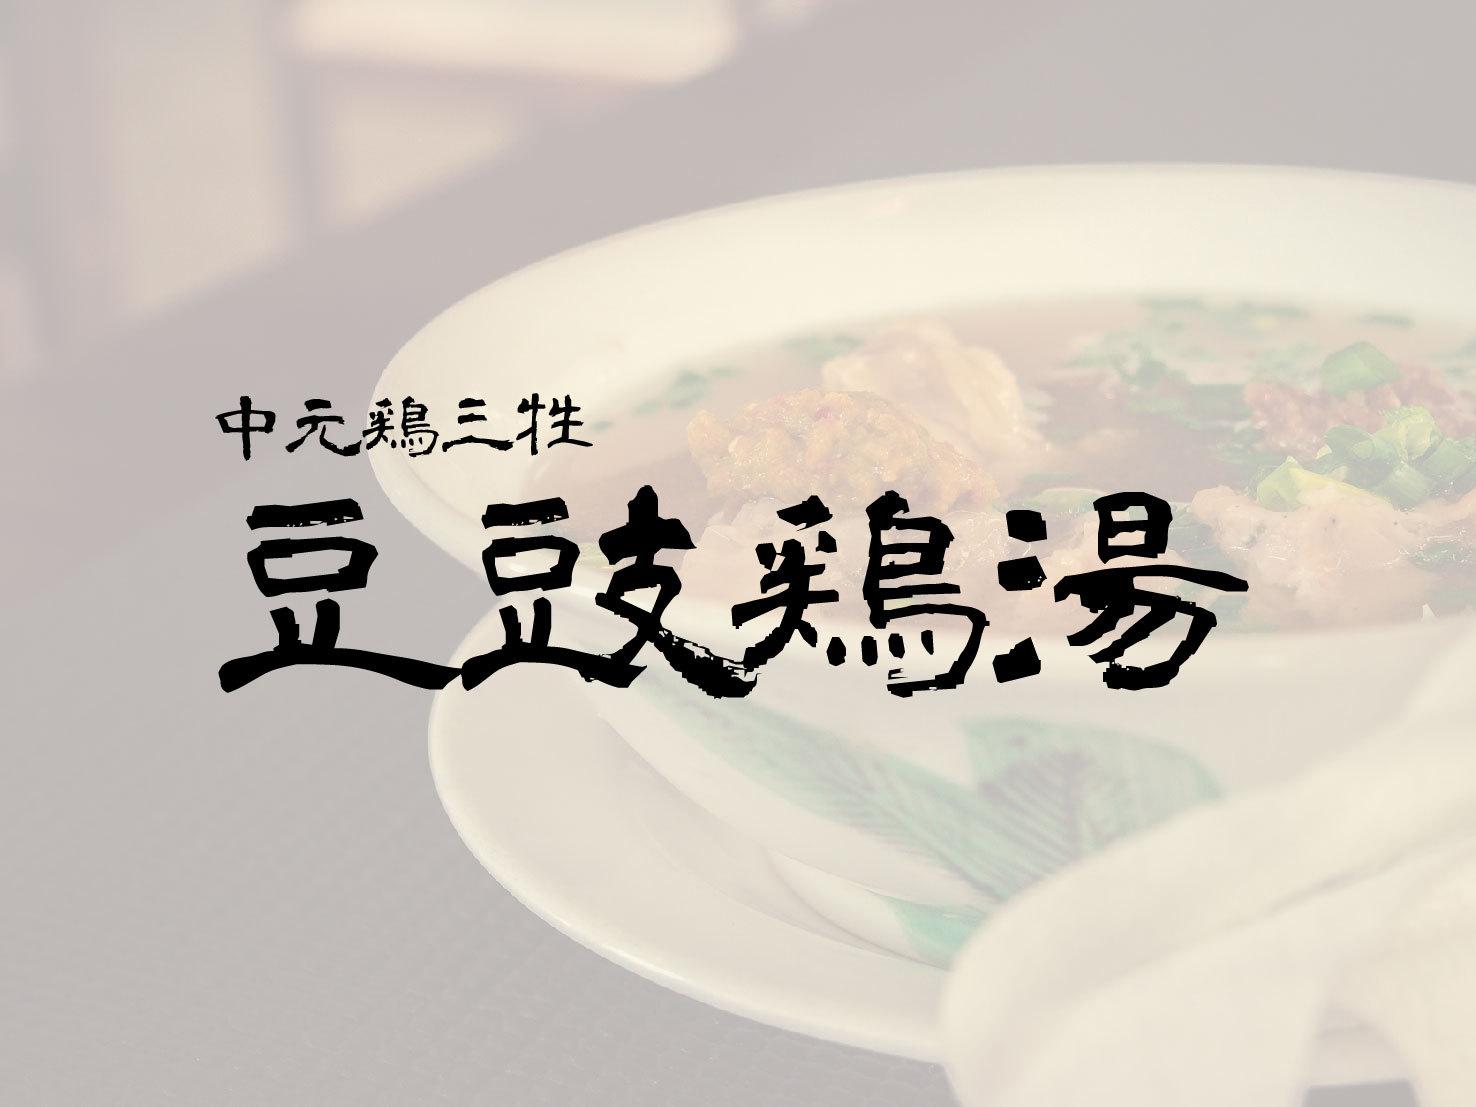 靈活變化中元雞三牲【豆豉雞湯】